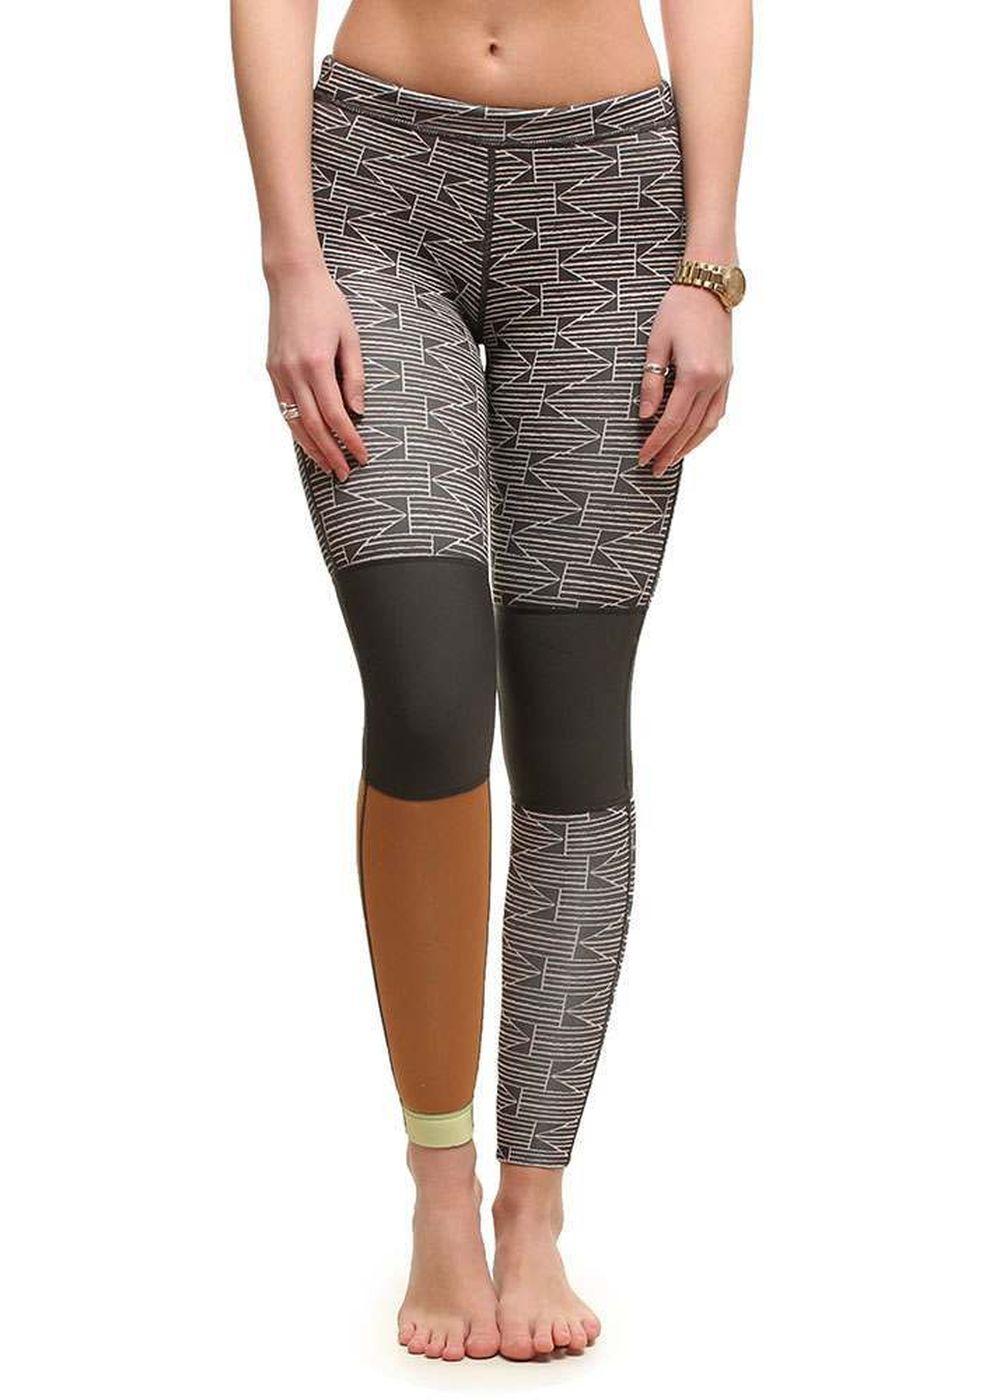 BILLABONG WOMENS SEA LEGS 101 1MM BOTTOMS 2015 Blk